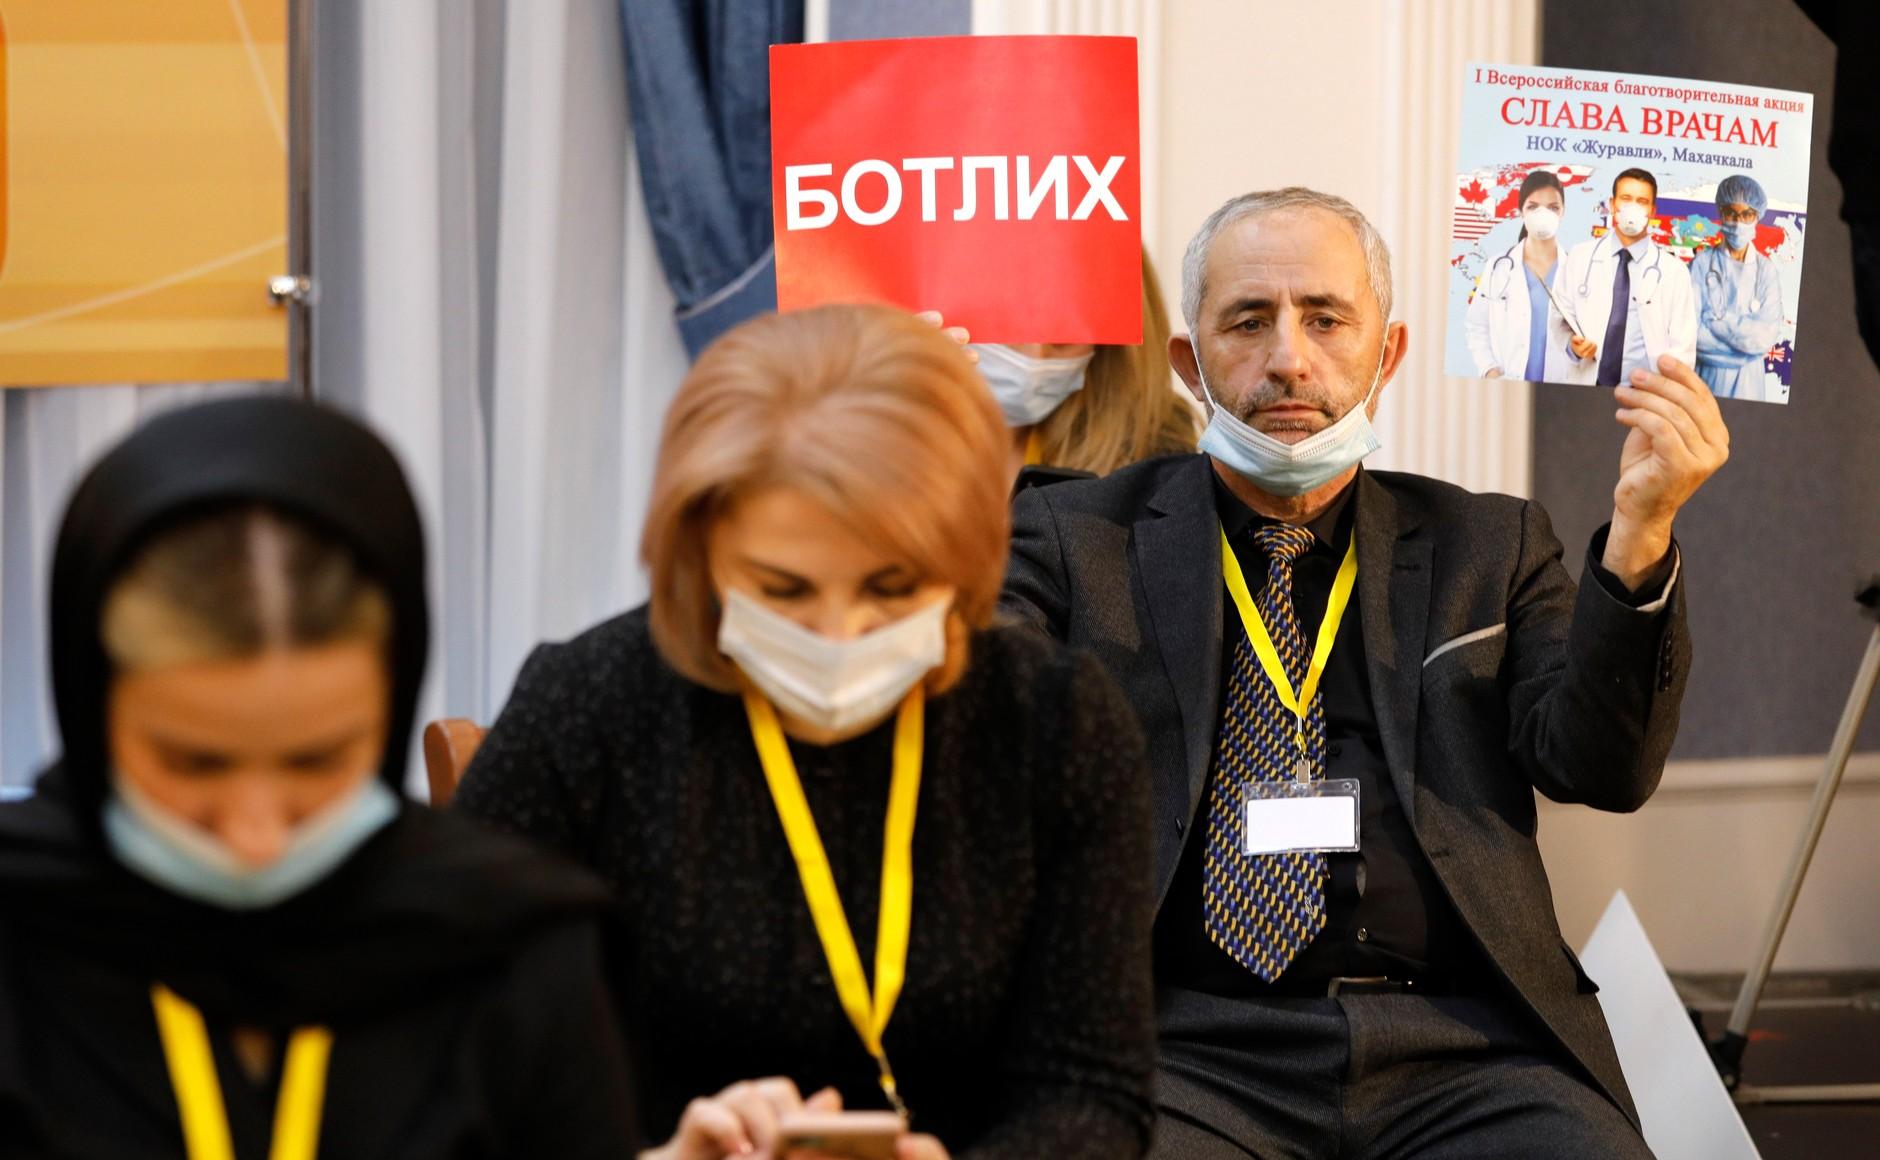 RUSSIE 17.12.2020.CONFERENCE 47 XX 66 Avant le début de la conférence de presse annuelle de Vladimir Poutine.